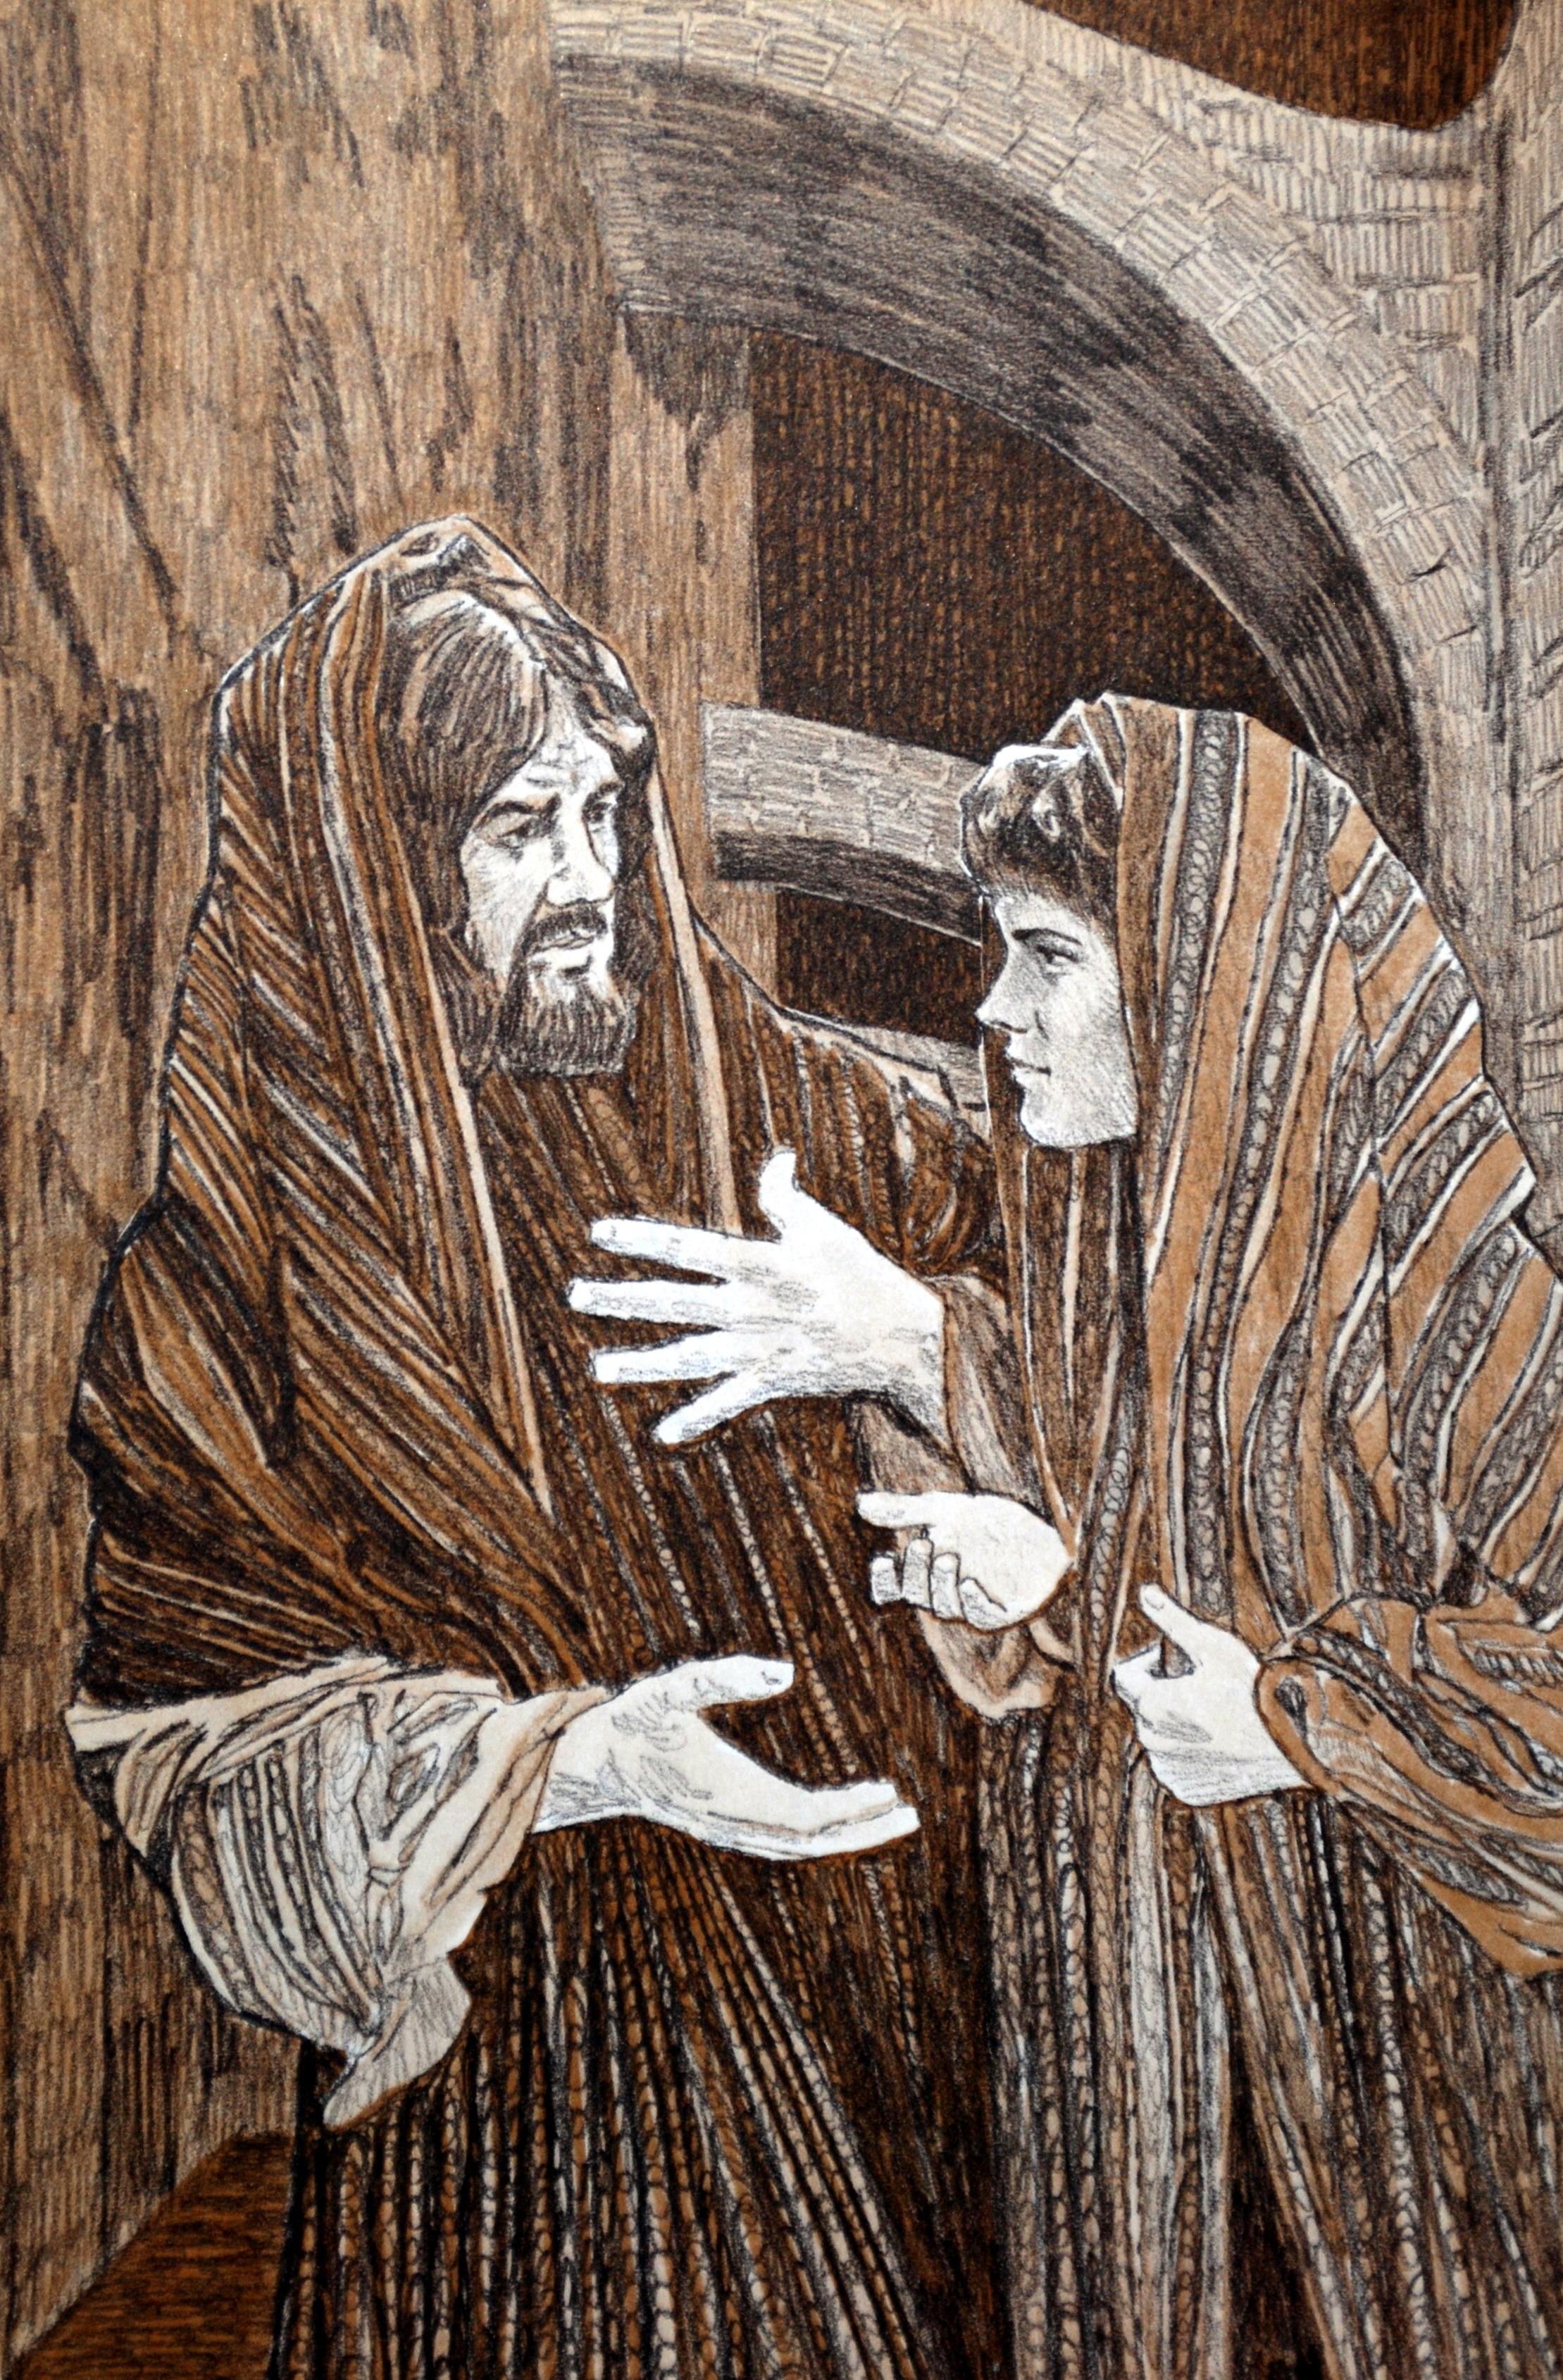 peter denies jesus melton